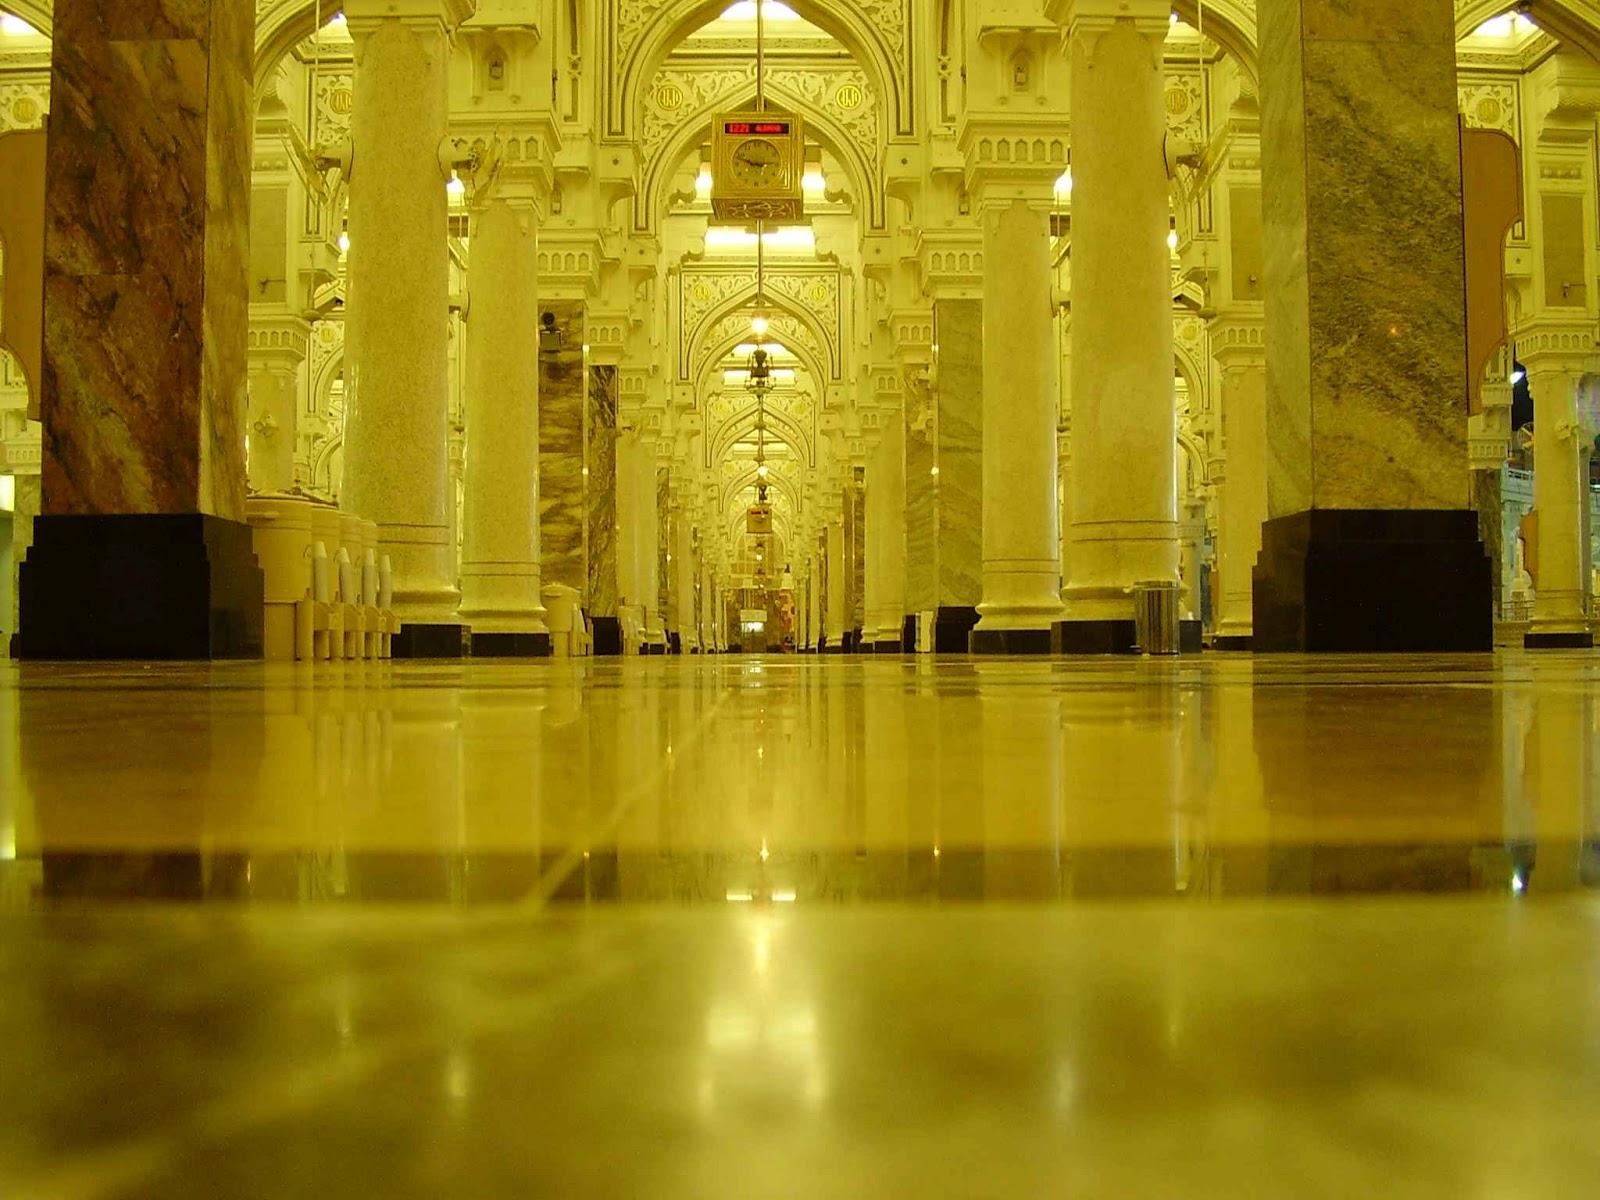 http://3.bp.blogspot.com/-vXuLfrsOf8I/T1dBqcLRU_I/AAAAAAAAXPU/VW4F5knib8s/s1600/Islamic+Wallpaper+(22).jpg